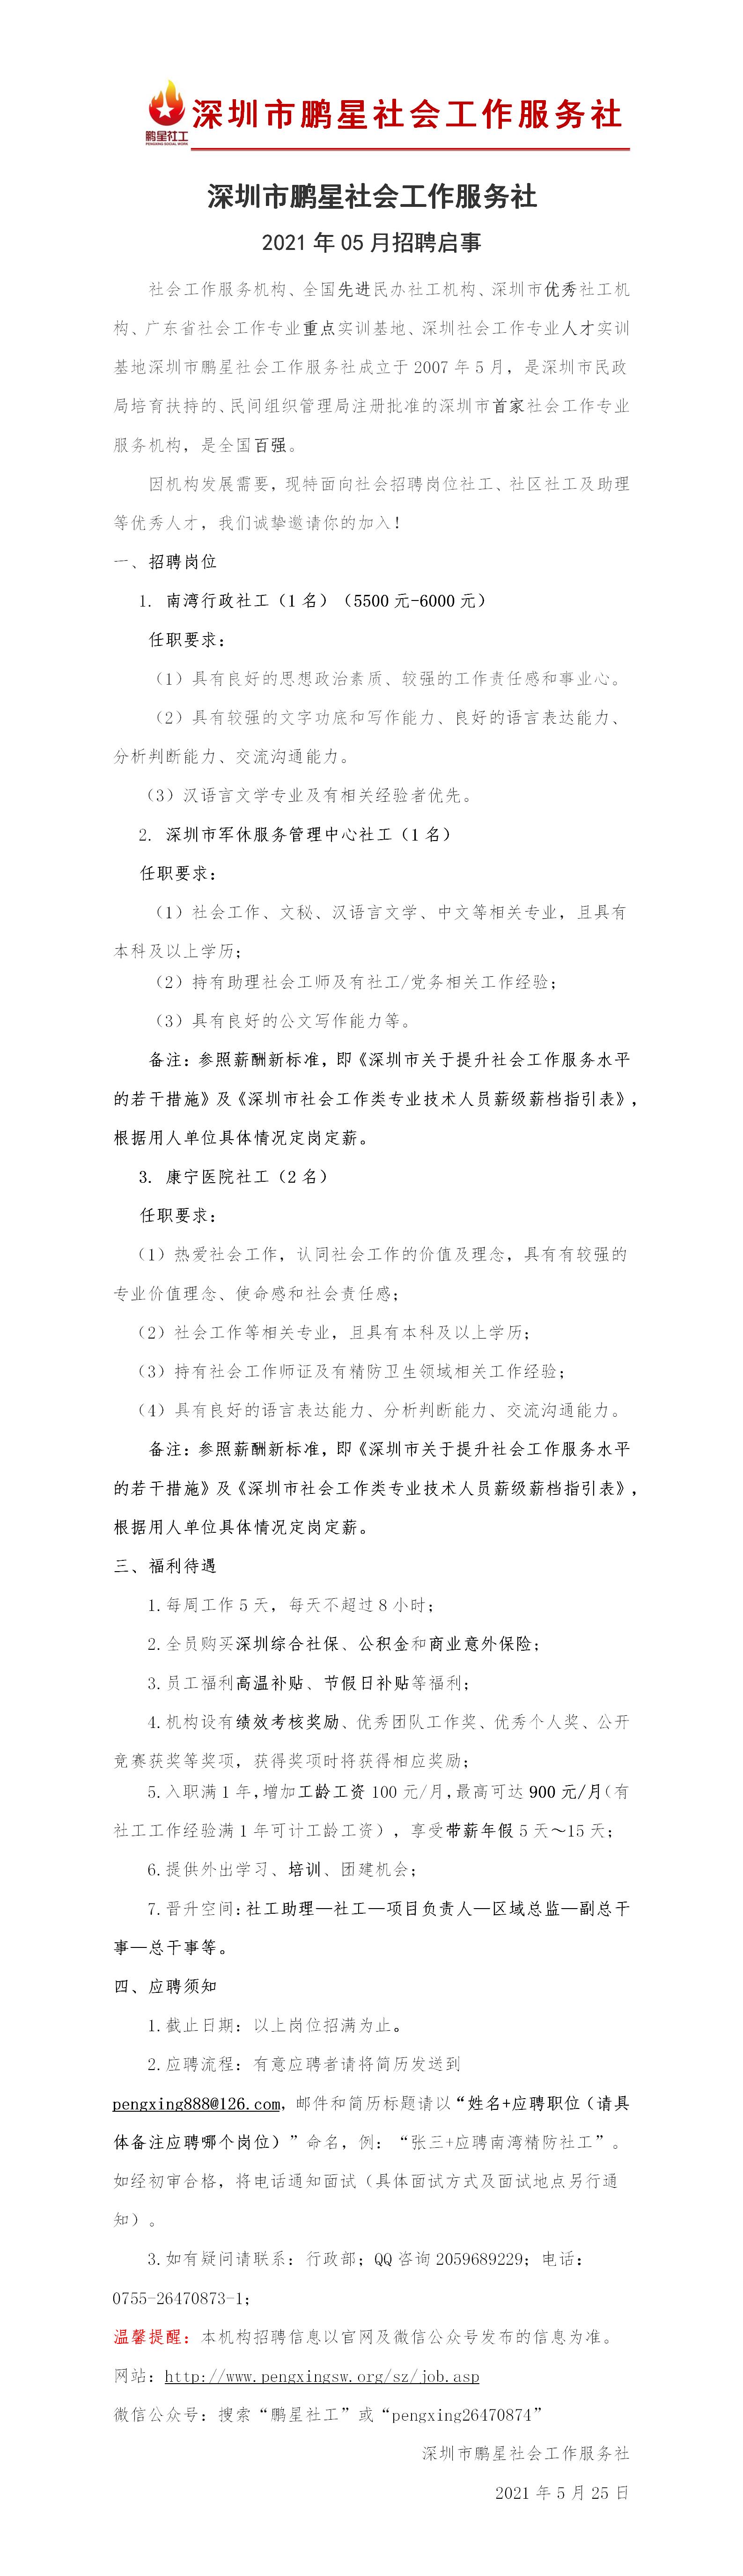 深圳市鹏星社会工作服务社2021...